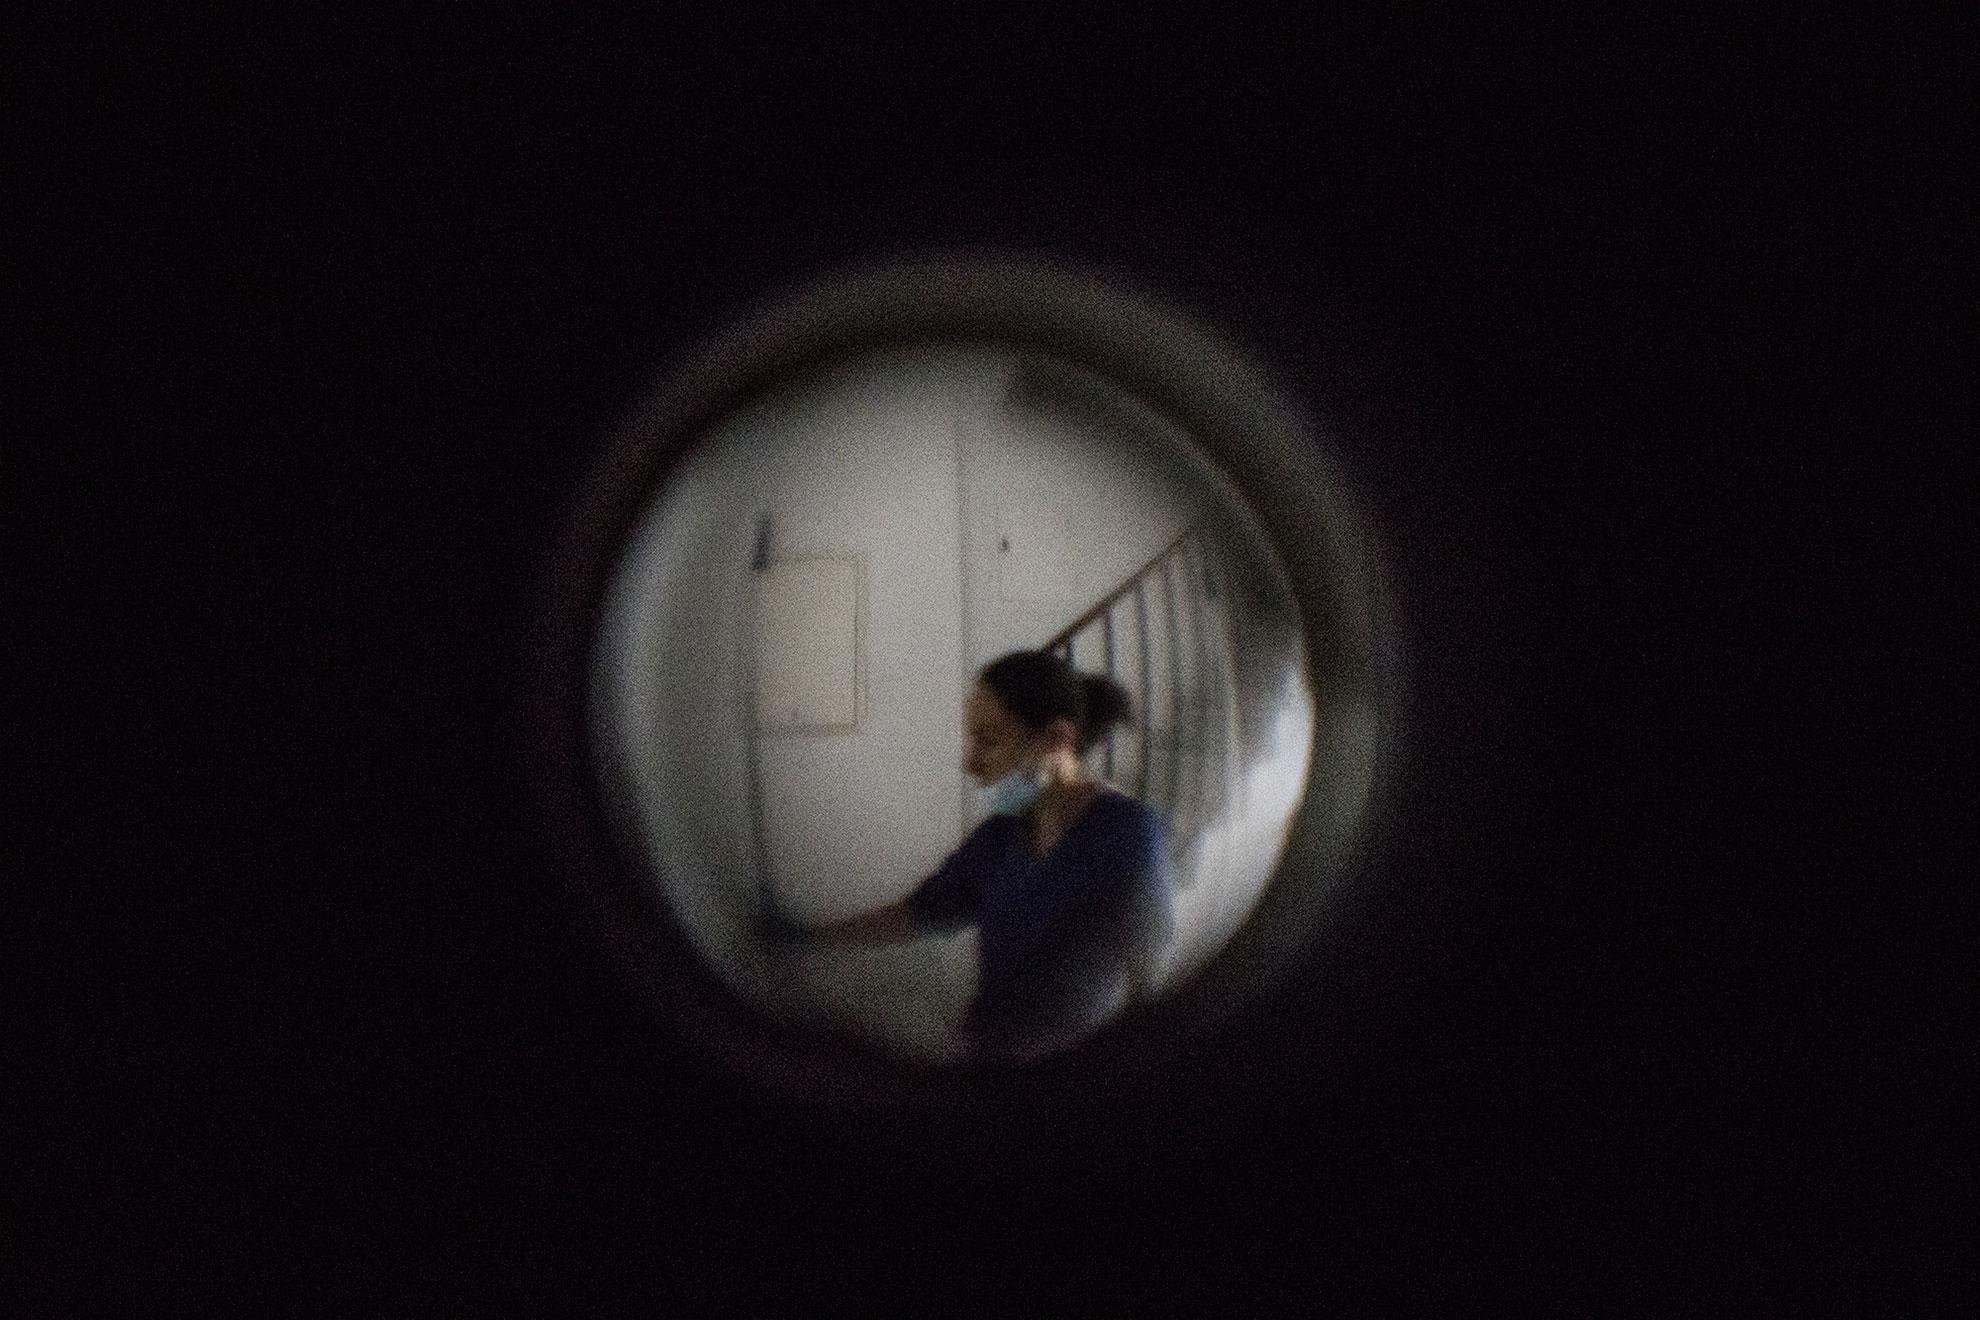 Una empleada del servicio de limpieza vista a través de la mirilla de una puerta lleva una máscara para protegerse de la infección por COVID19 en Jerez, España, el 17 de marzo 2020. El gobierno español declaró el estado de alarma y ordenó el confinamiento domiciliario debido al brote de COVID19 el pasado viernes día 13 de Marzo.